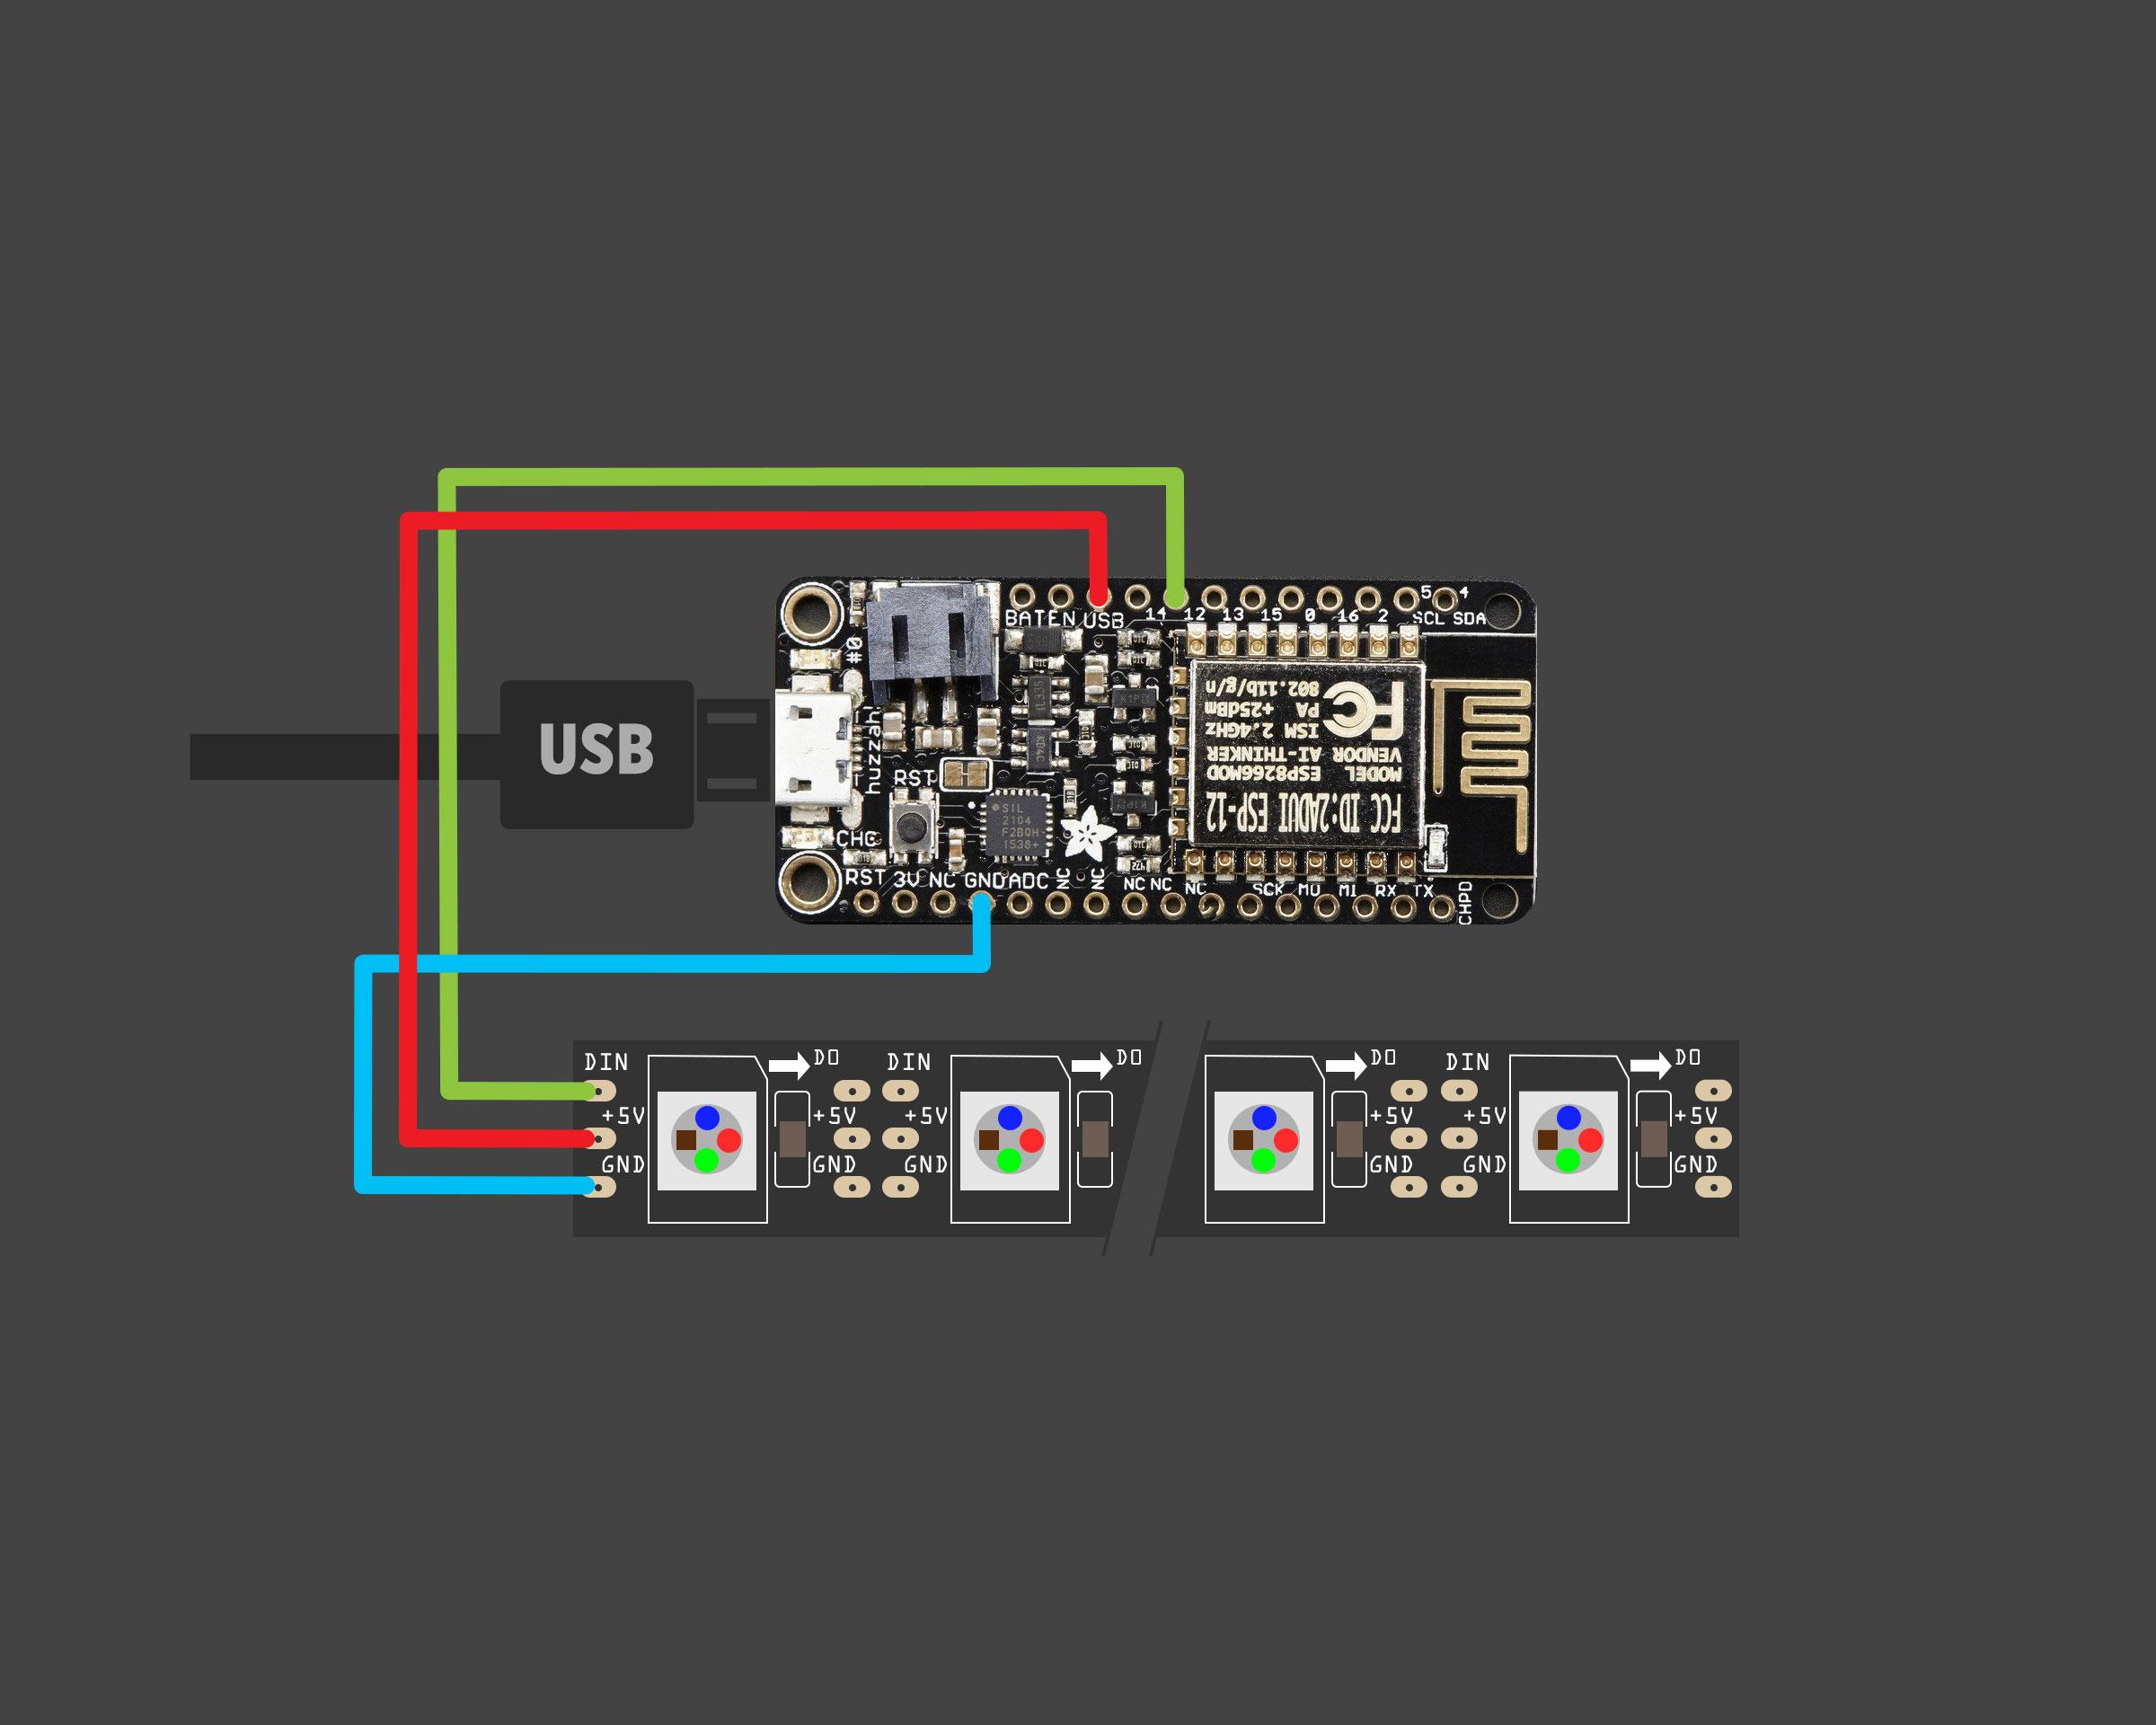 3d_printing_onair-circuit-diagram.jpg